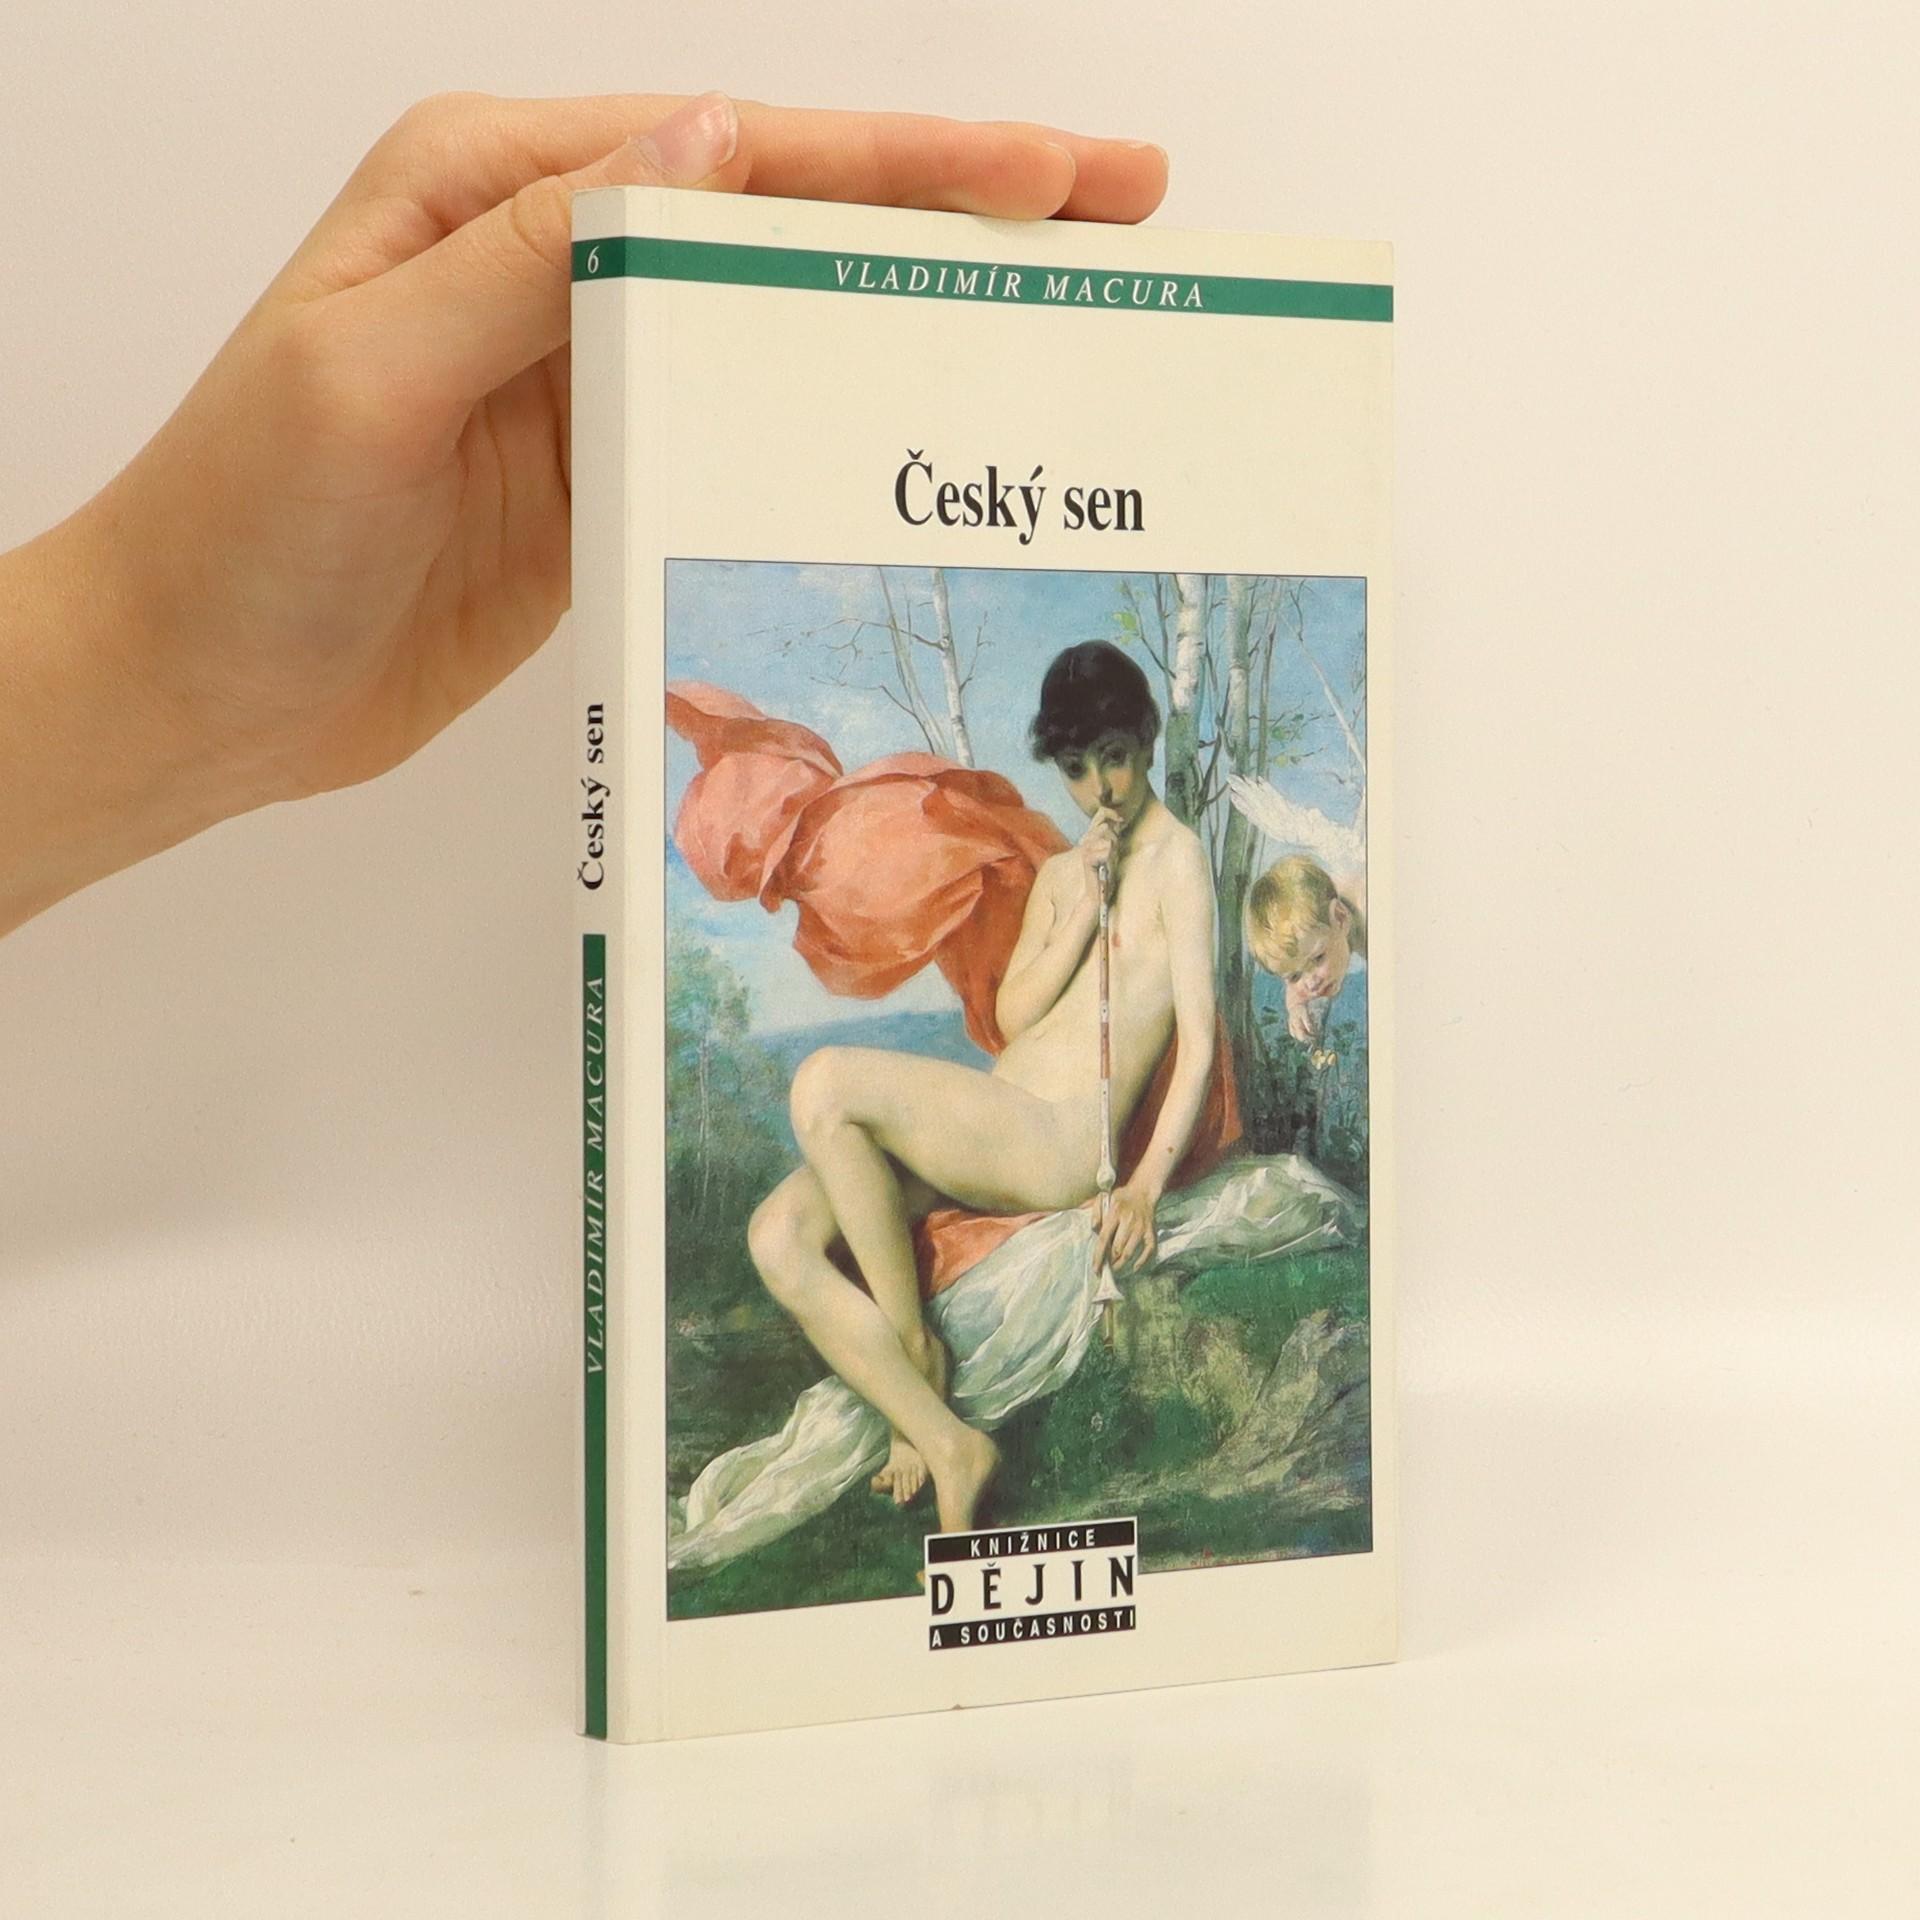 antikvární kniha Český sen, 1999